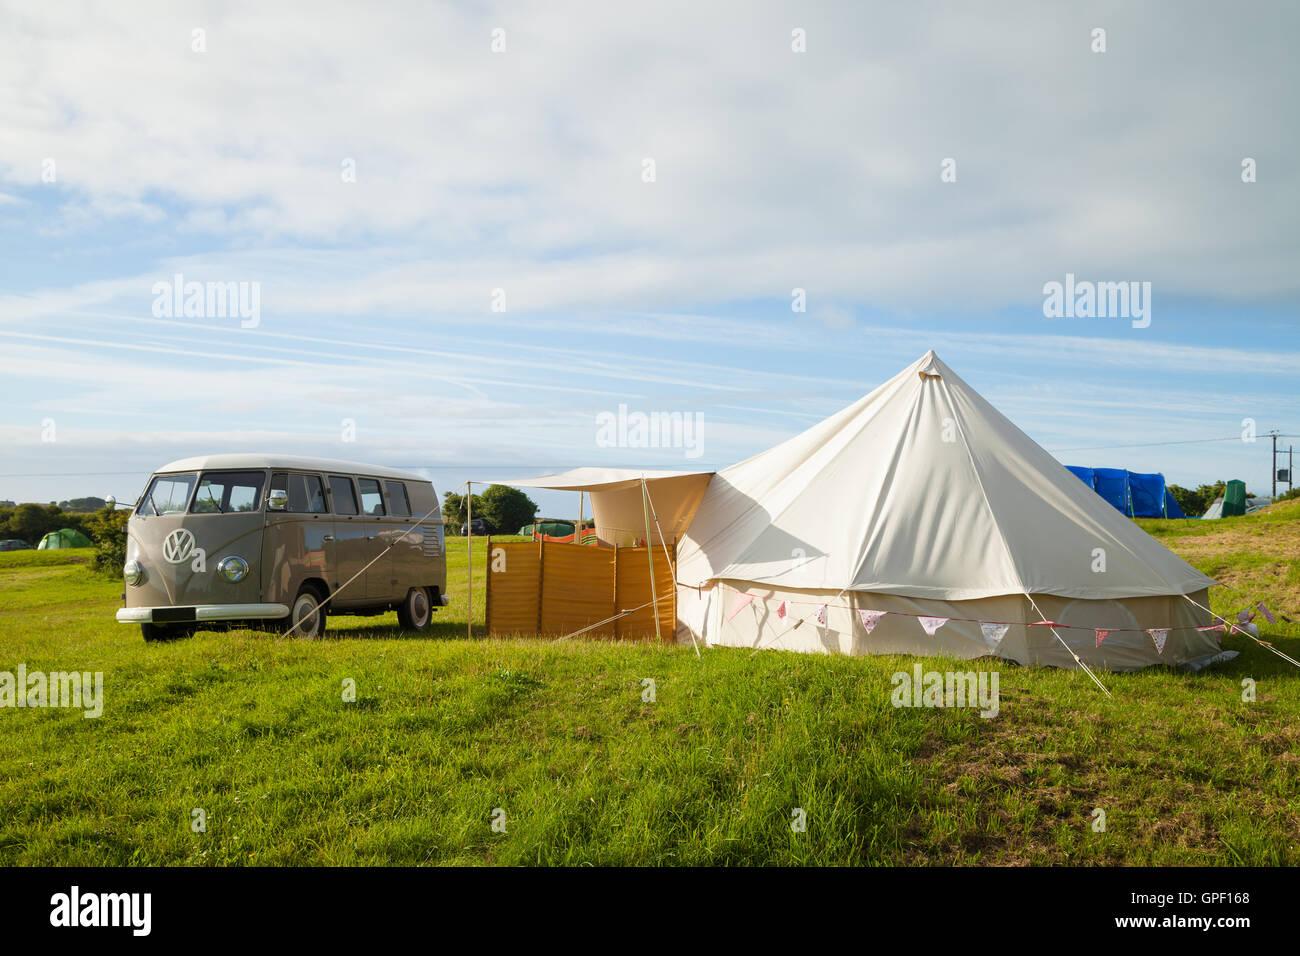 Una VW Camper e tenda in un campeggio in inglese. Immagini Stock